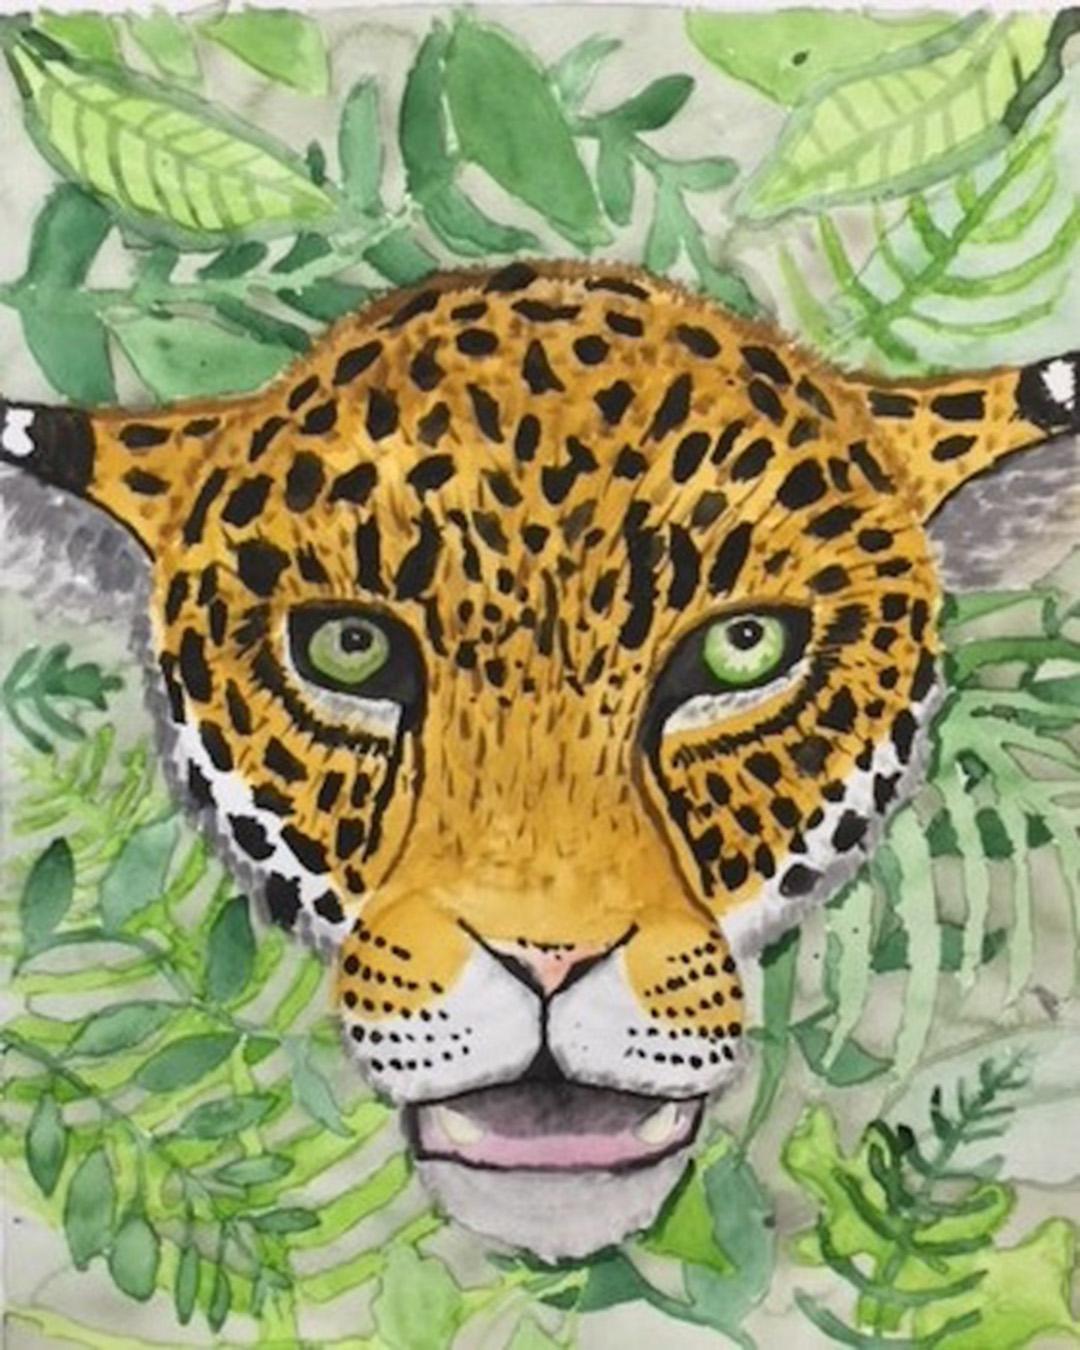 Spirit Of The Jaguar © 2018 Parker Stewart | All Rights Reserved